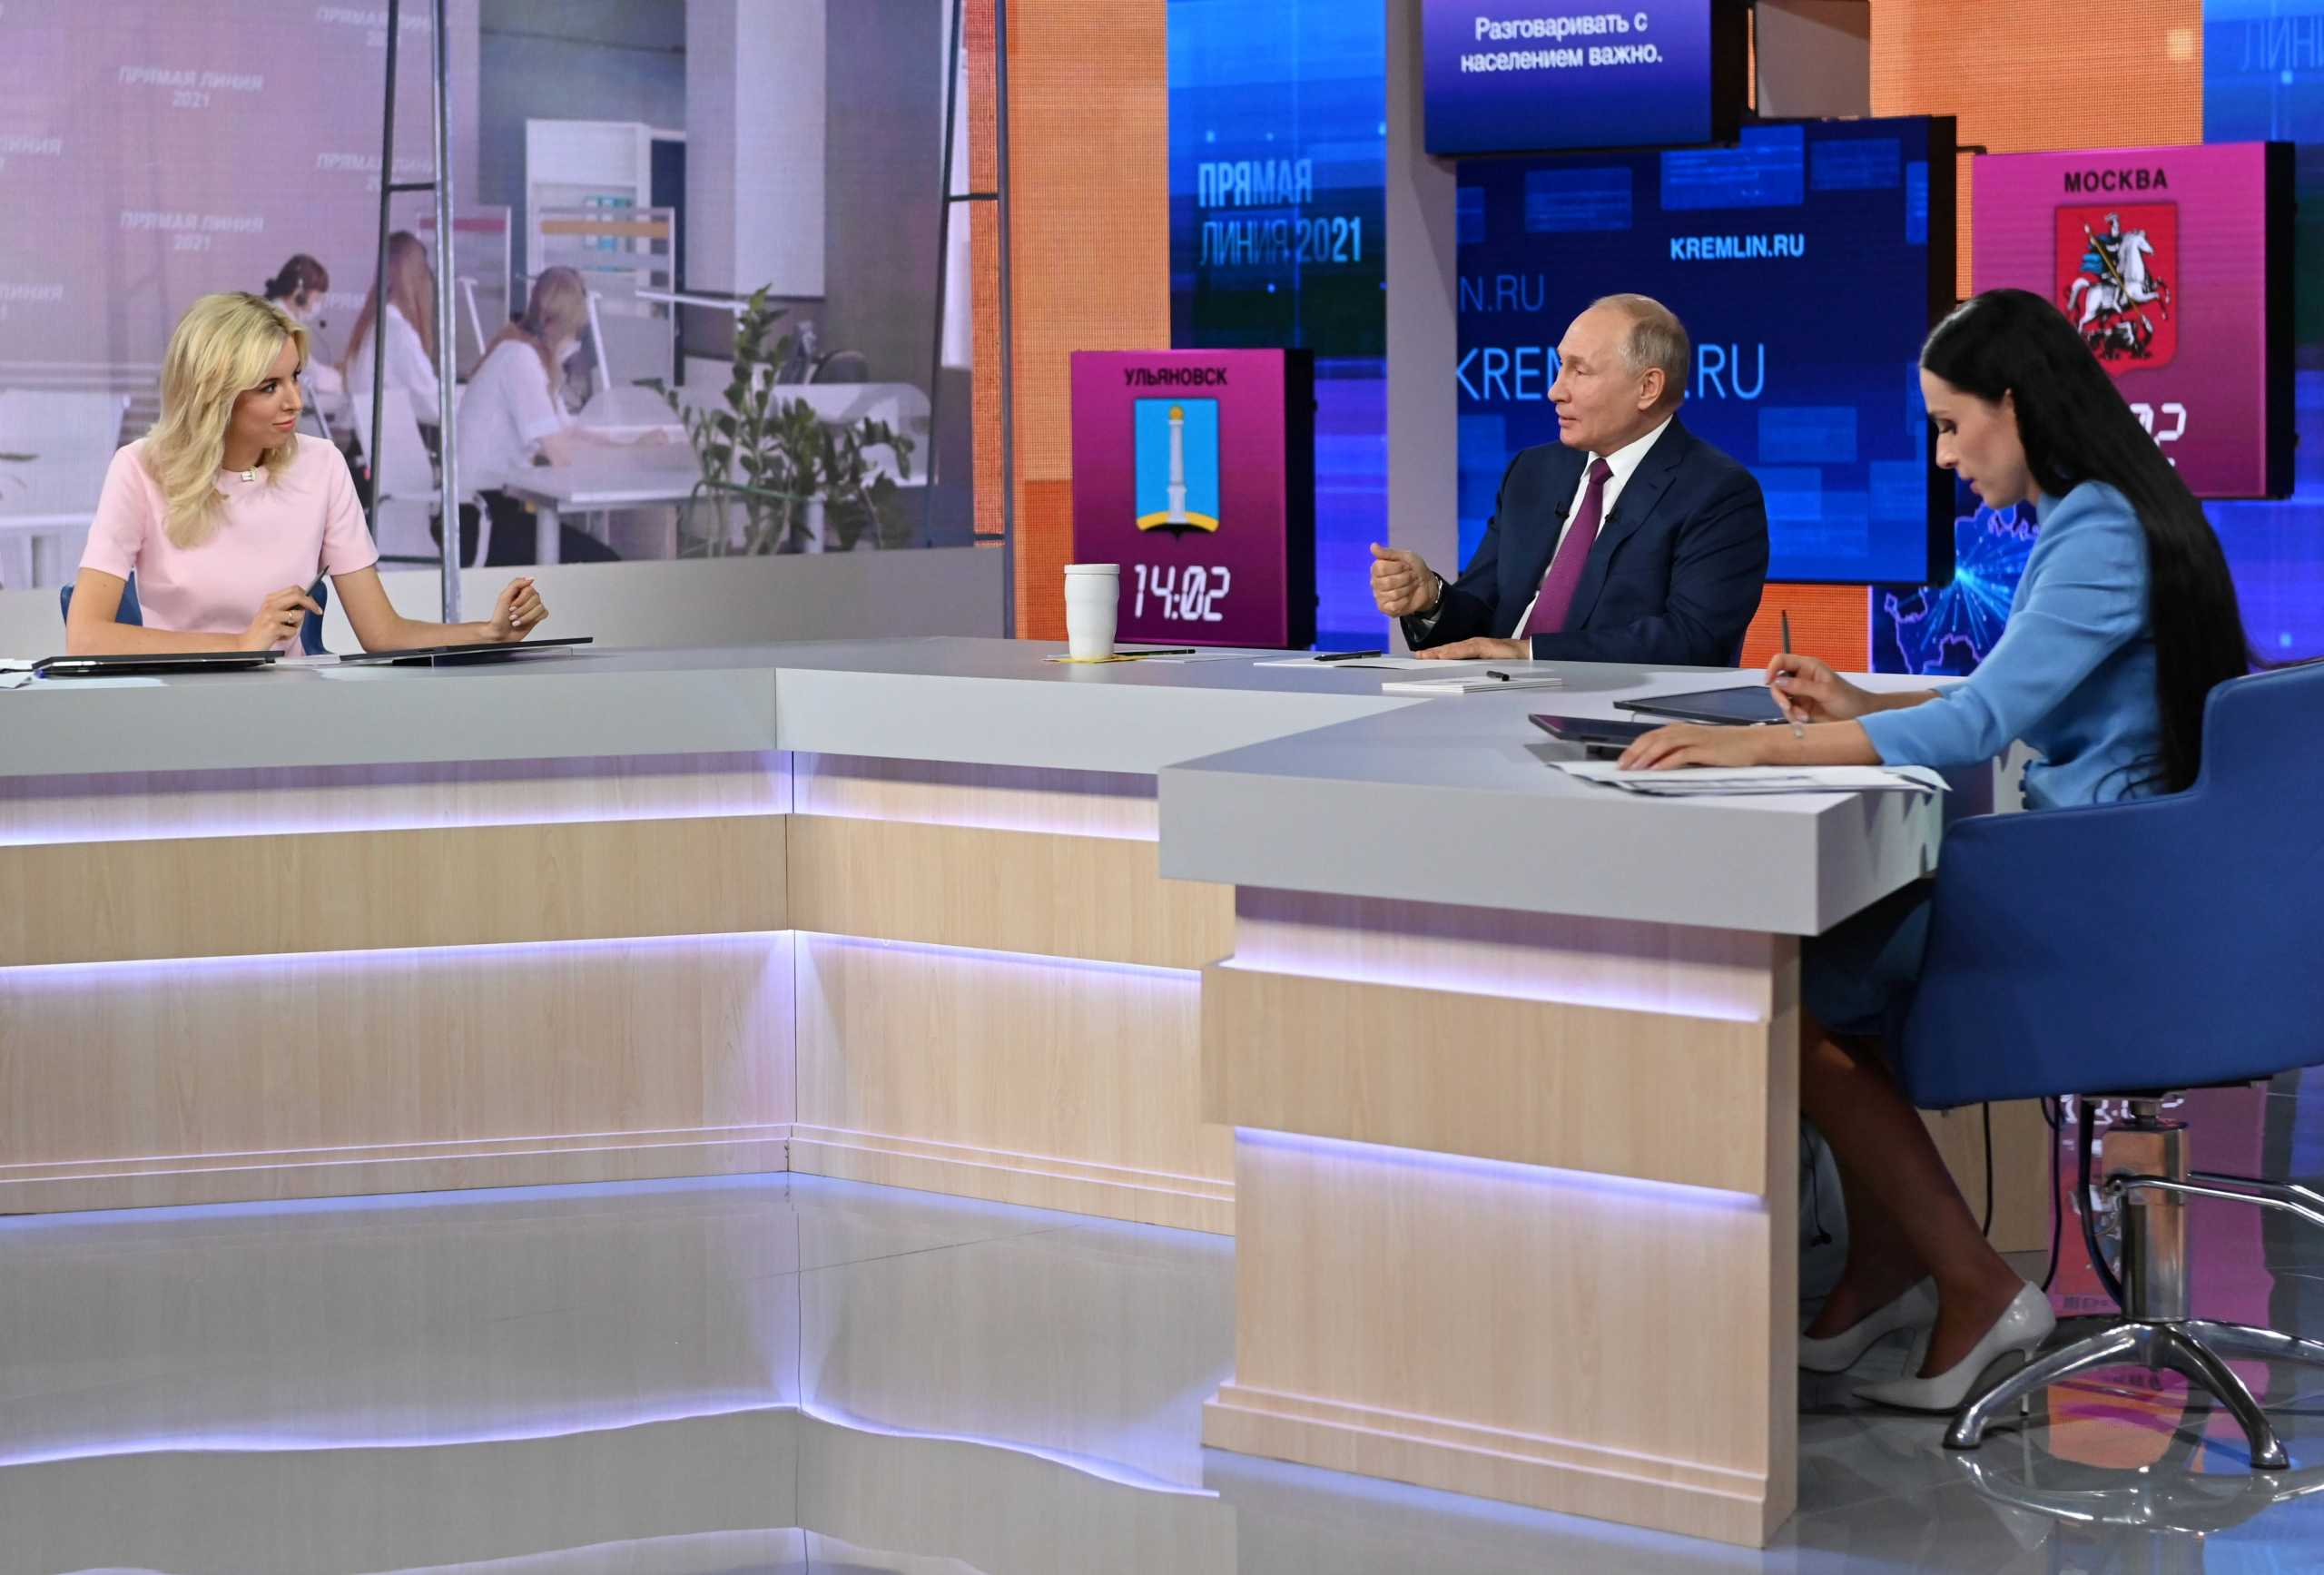 Πούτιν: Θα αποκαλύψει τον πιθανό διάδοχό του – Πότε; «Όταν έρθει ο καιρός»